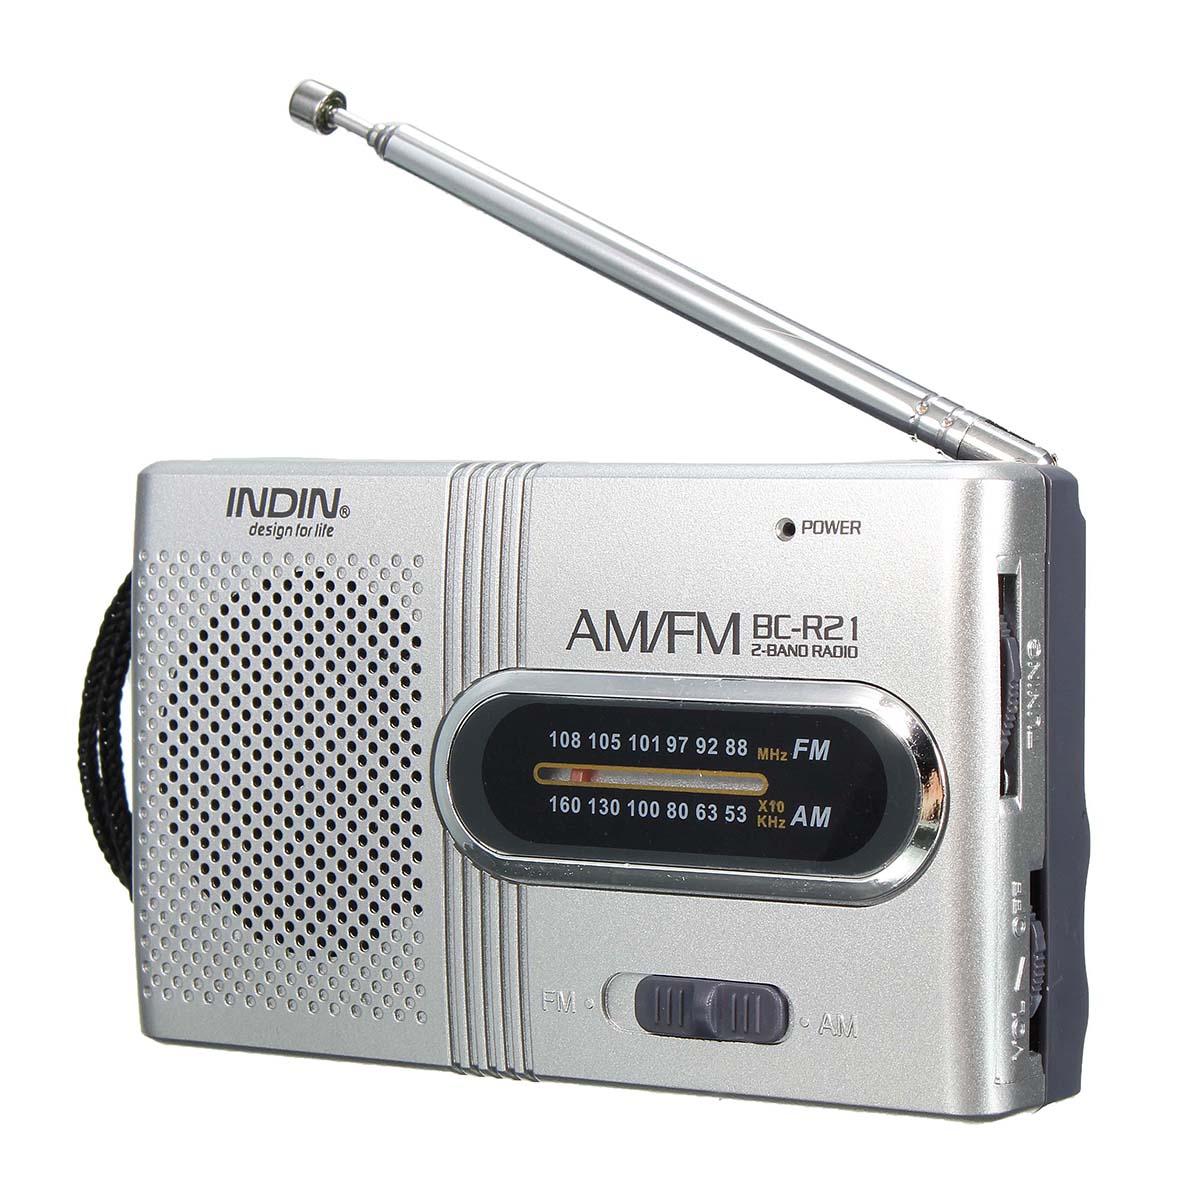 INDIN BC-R21 AM/FM Mini Portable Telescopic Antenna Rad